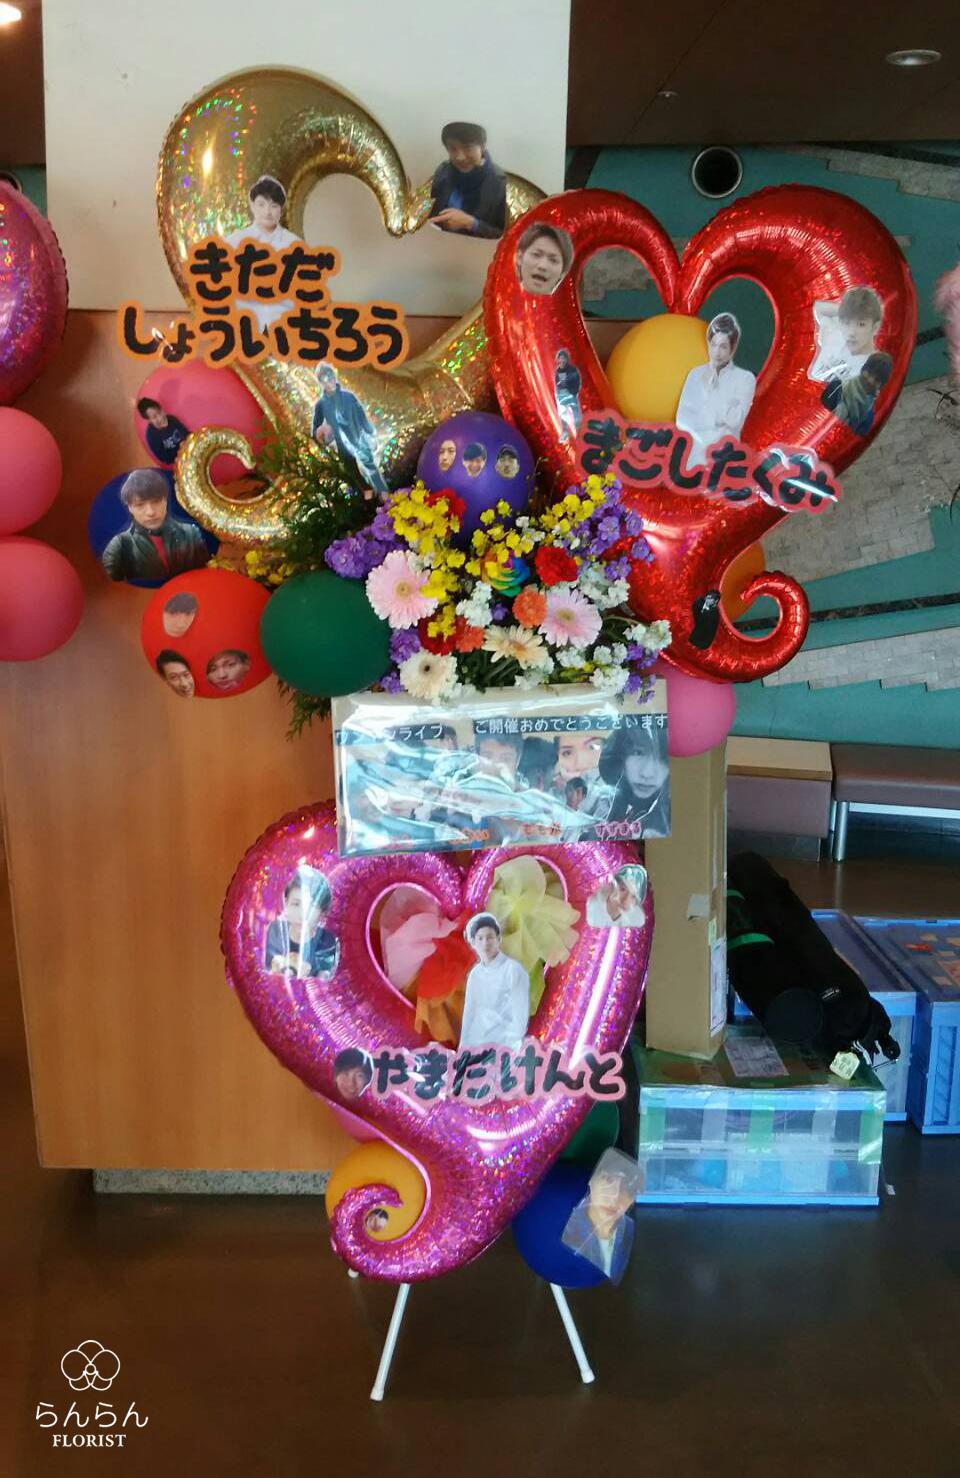 10神ACTOR お祝いスタンド花